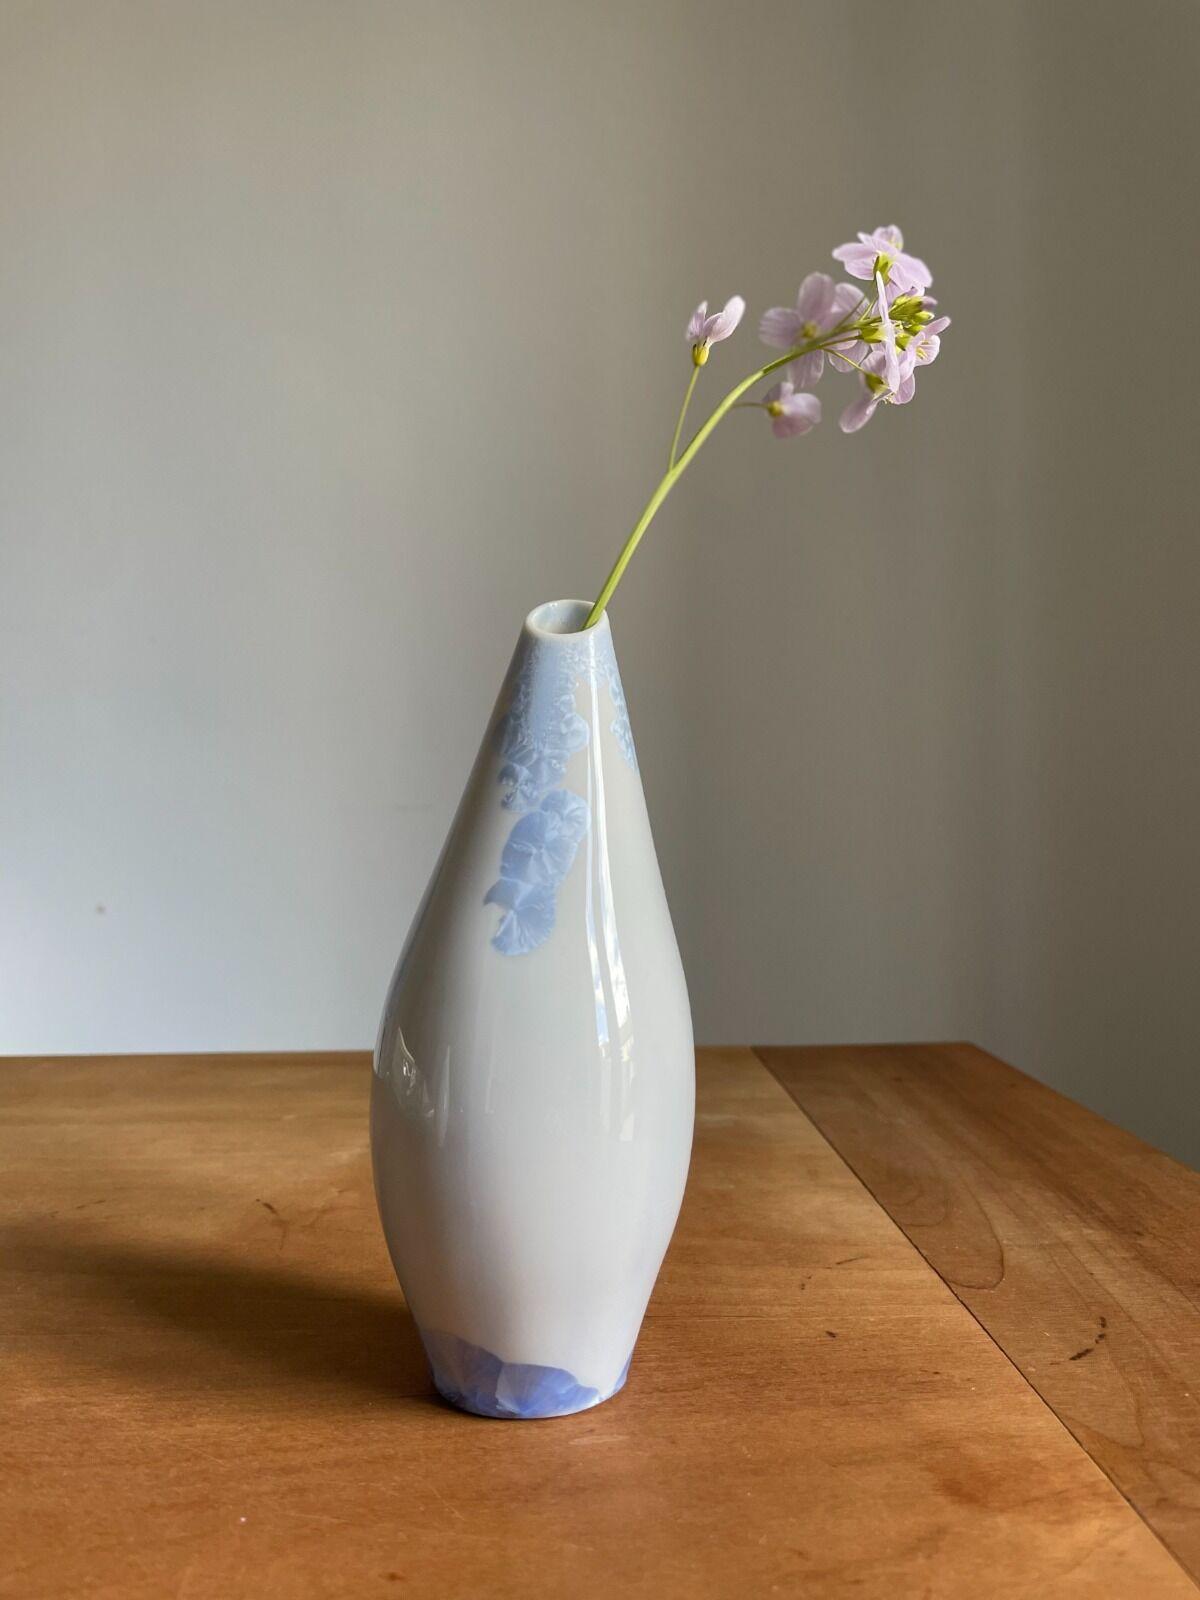 Vase1-1